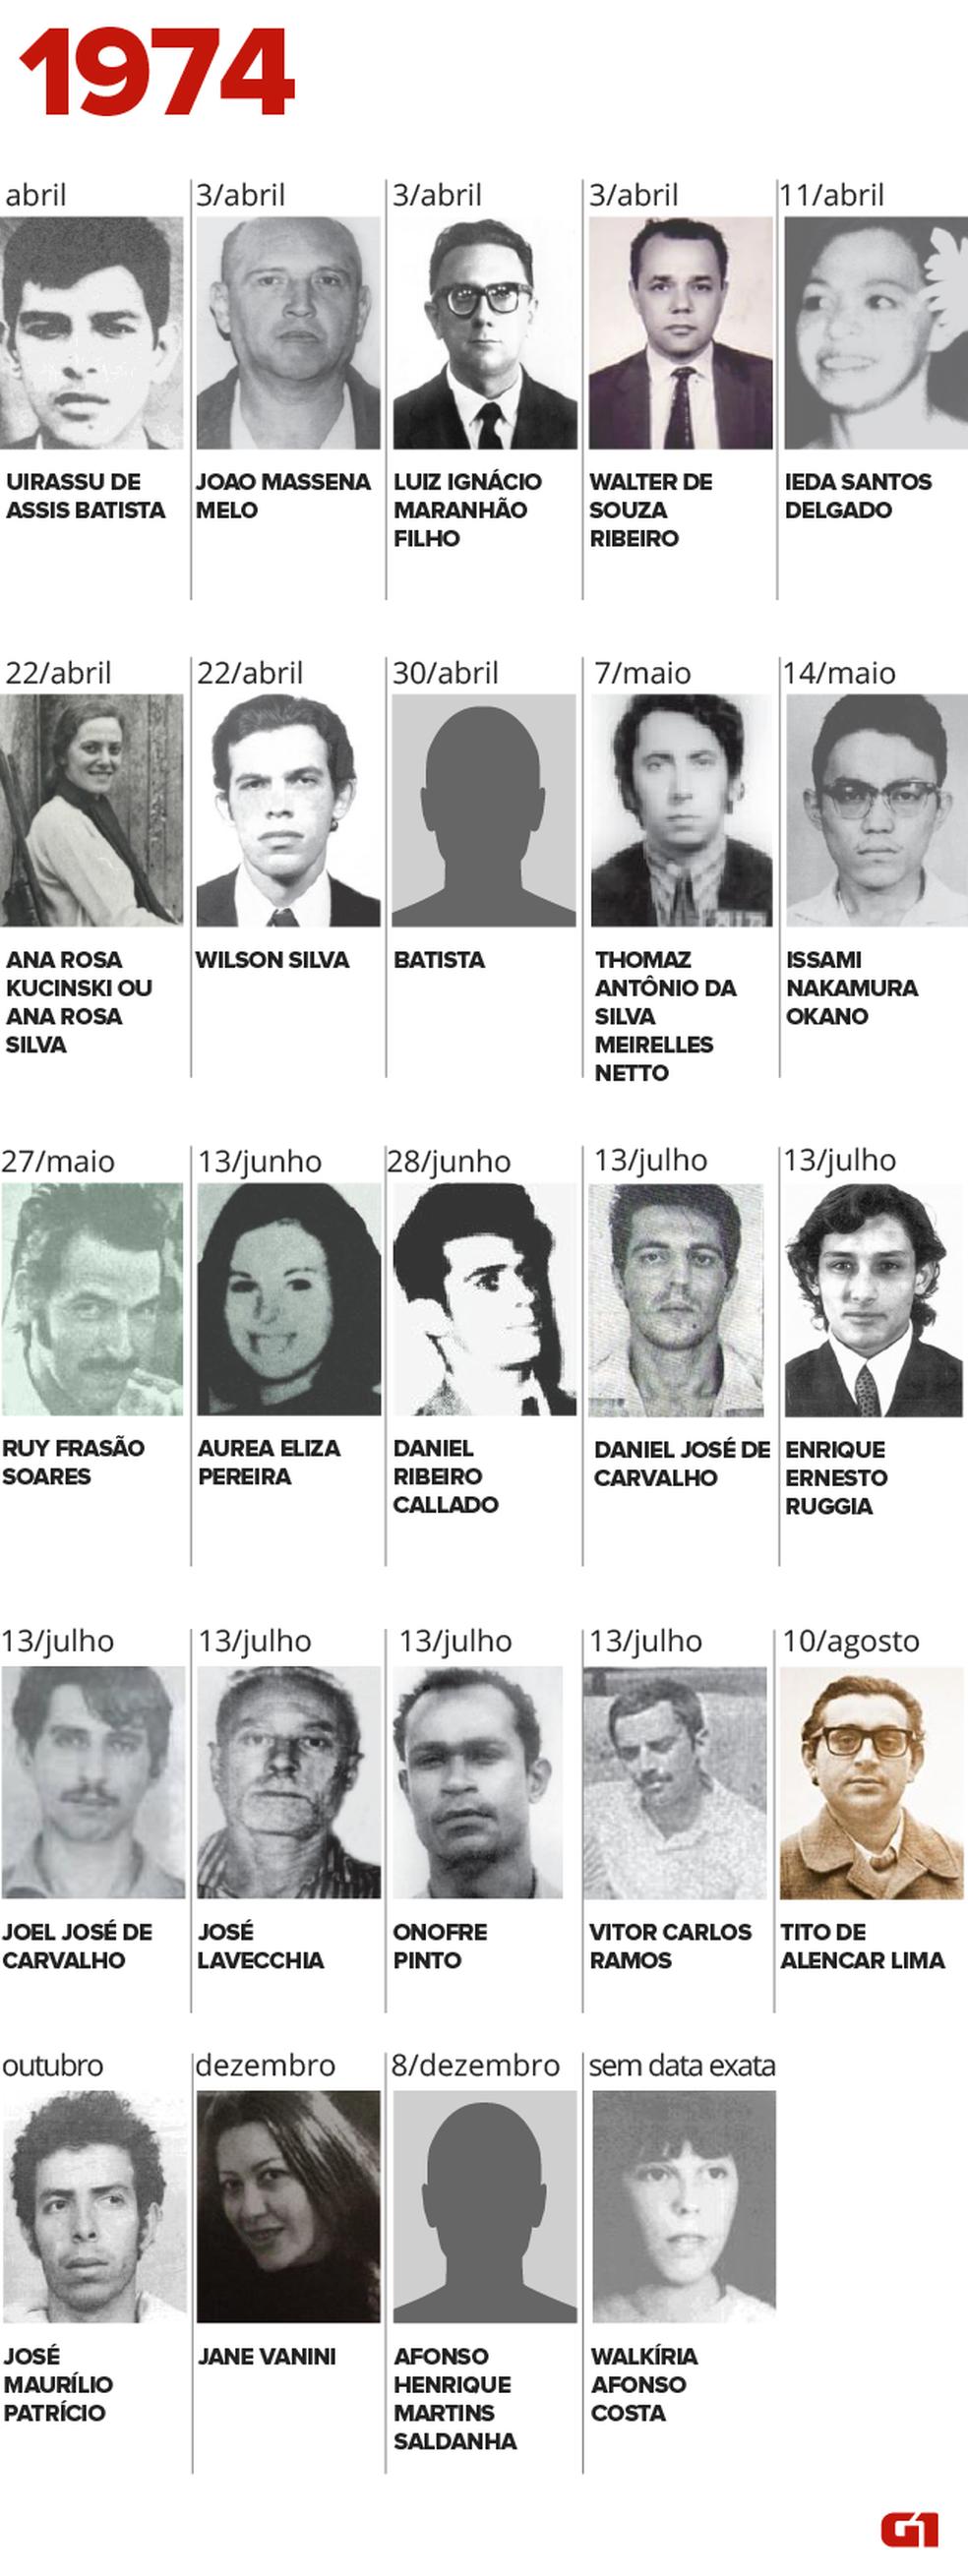 Desaparecidos ou mortos pela ditadura em 1974, segundo documento da Comissão da Verdade (Foto: Igor Estrela/G1)